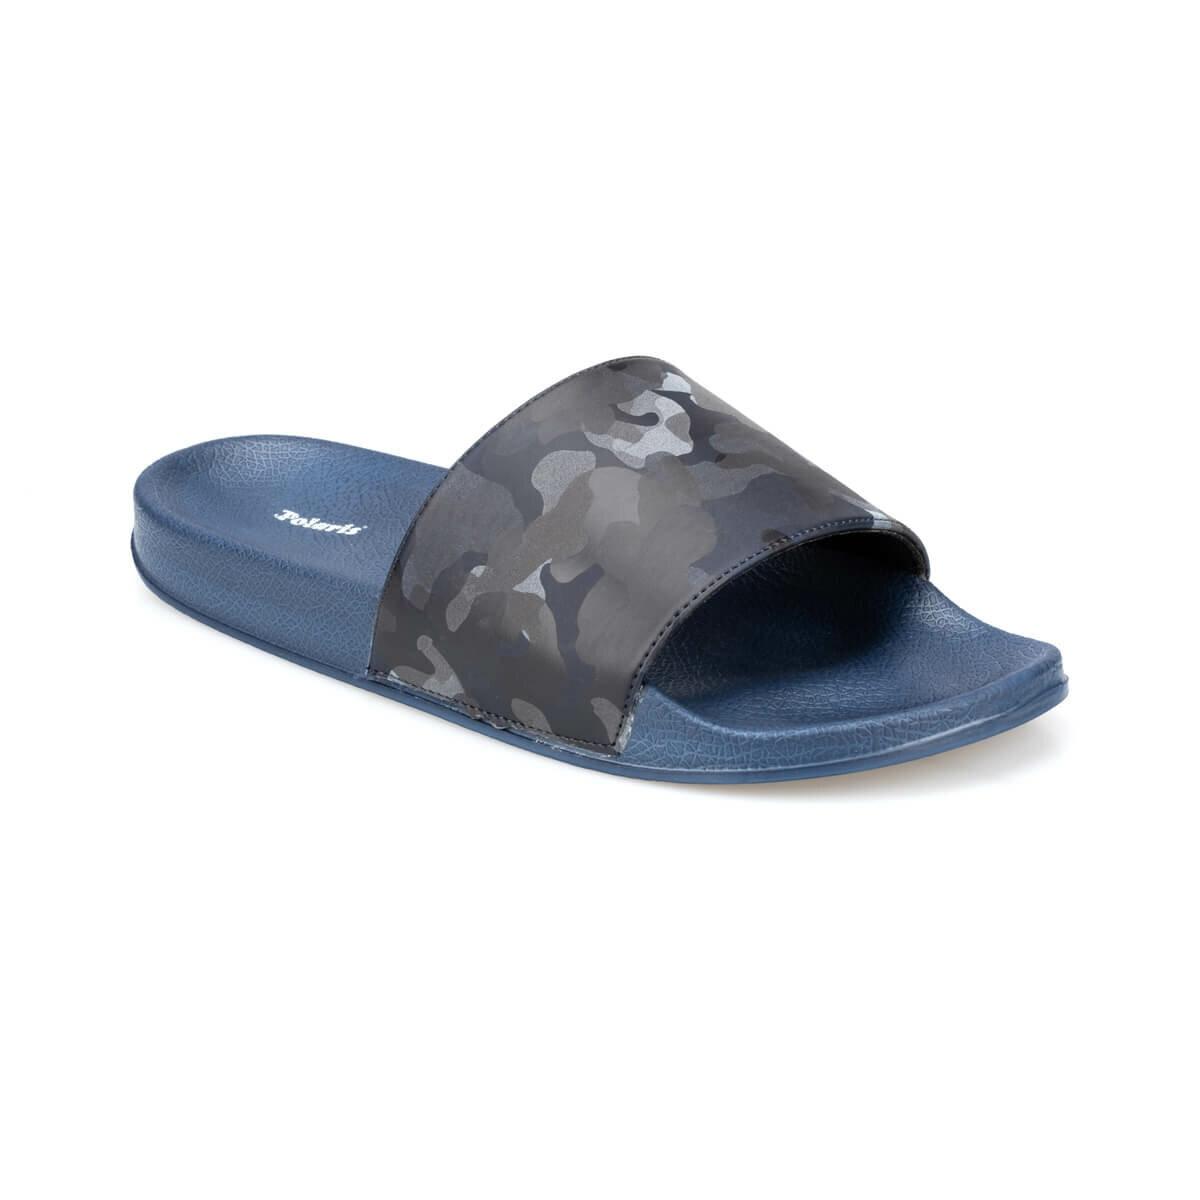 FLO Navy Blue Men's Slippers Men Shoes Couple Flip Flops Soft Black Casual Summer Male Chaussures Femme Polaris 91. 400069.M